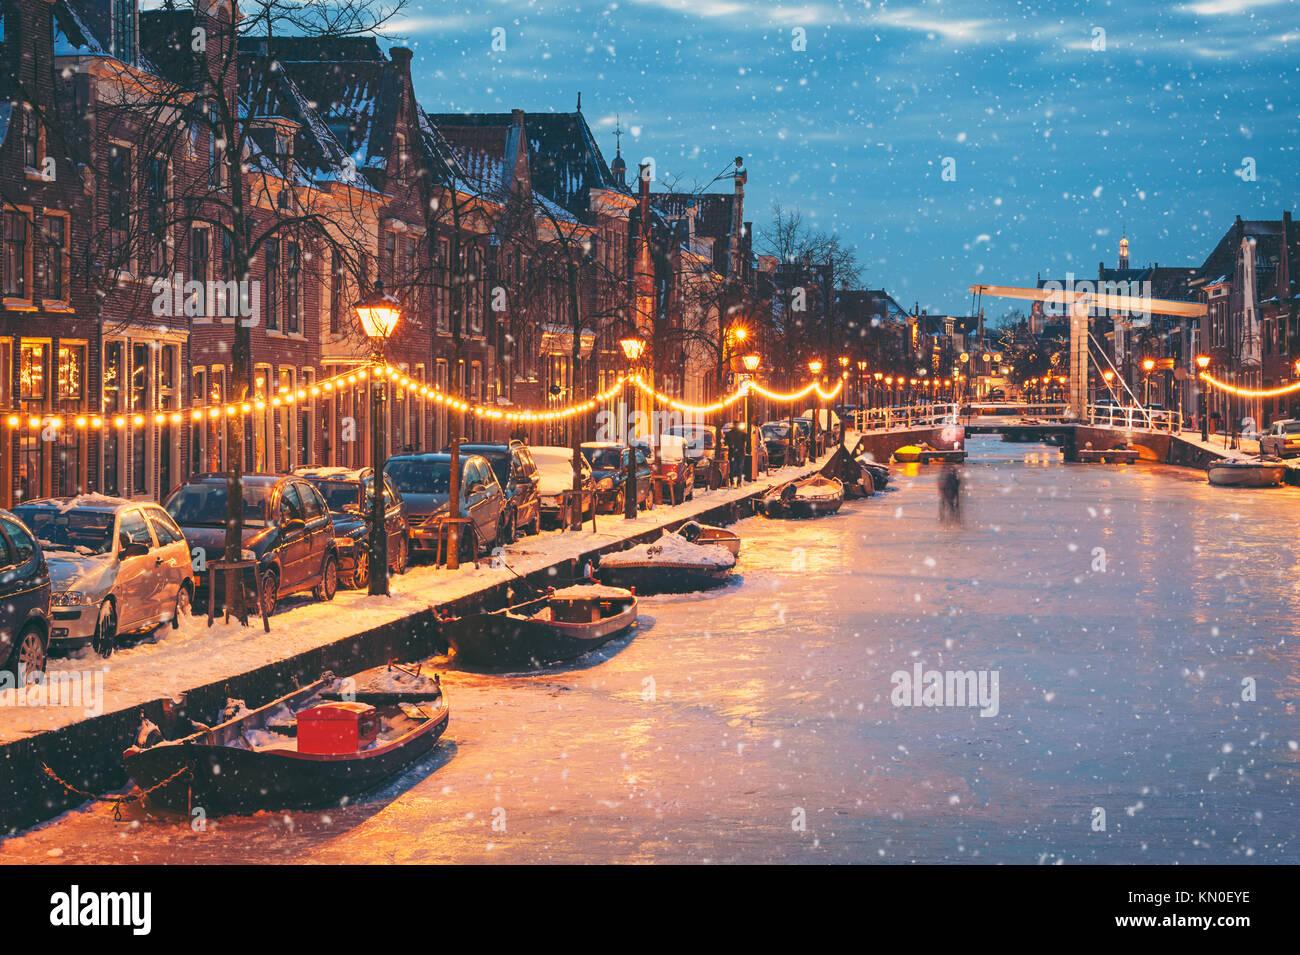 Scène d'hiver à Alkmaar Pays-bas avec glace naturelle et chute de neige Banque D'Images